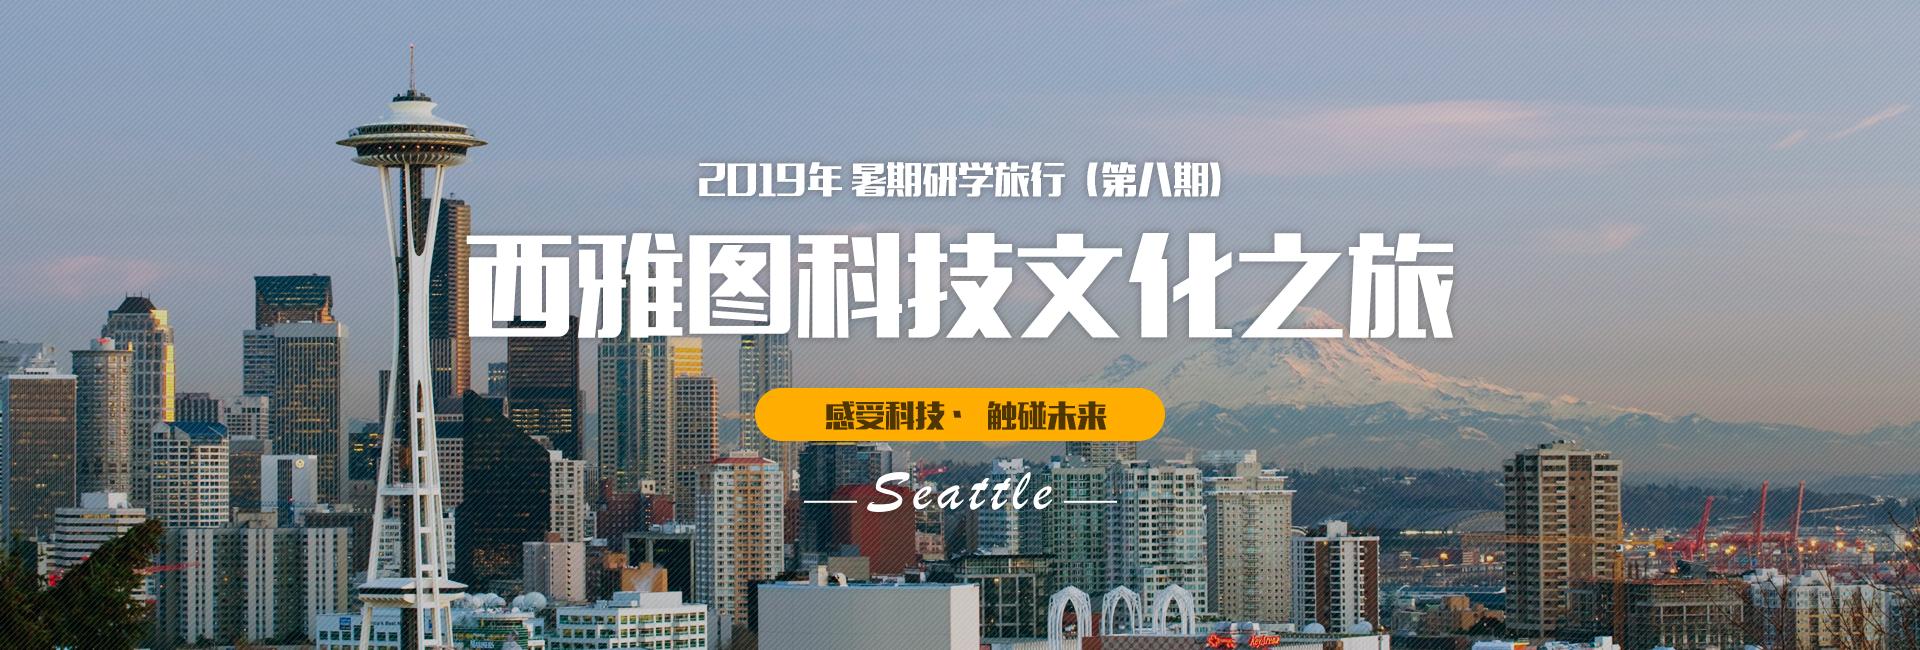 2019美国西雅图研学旅行